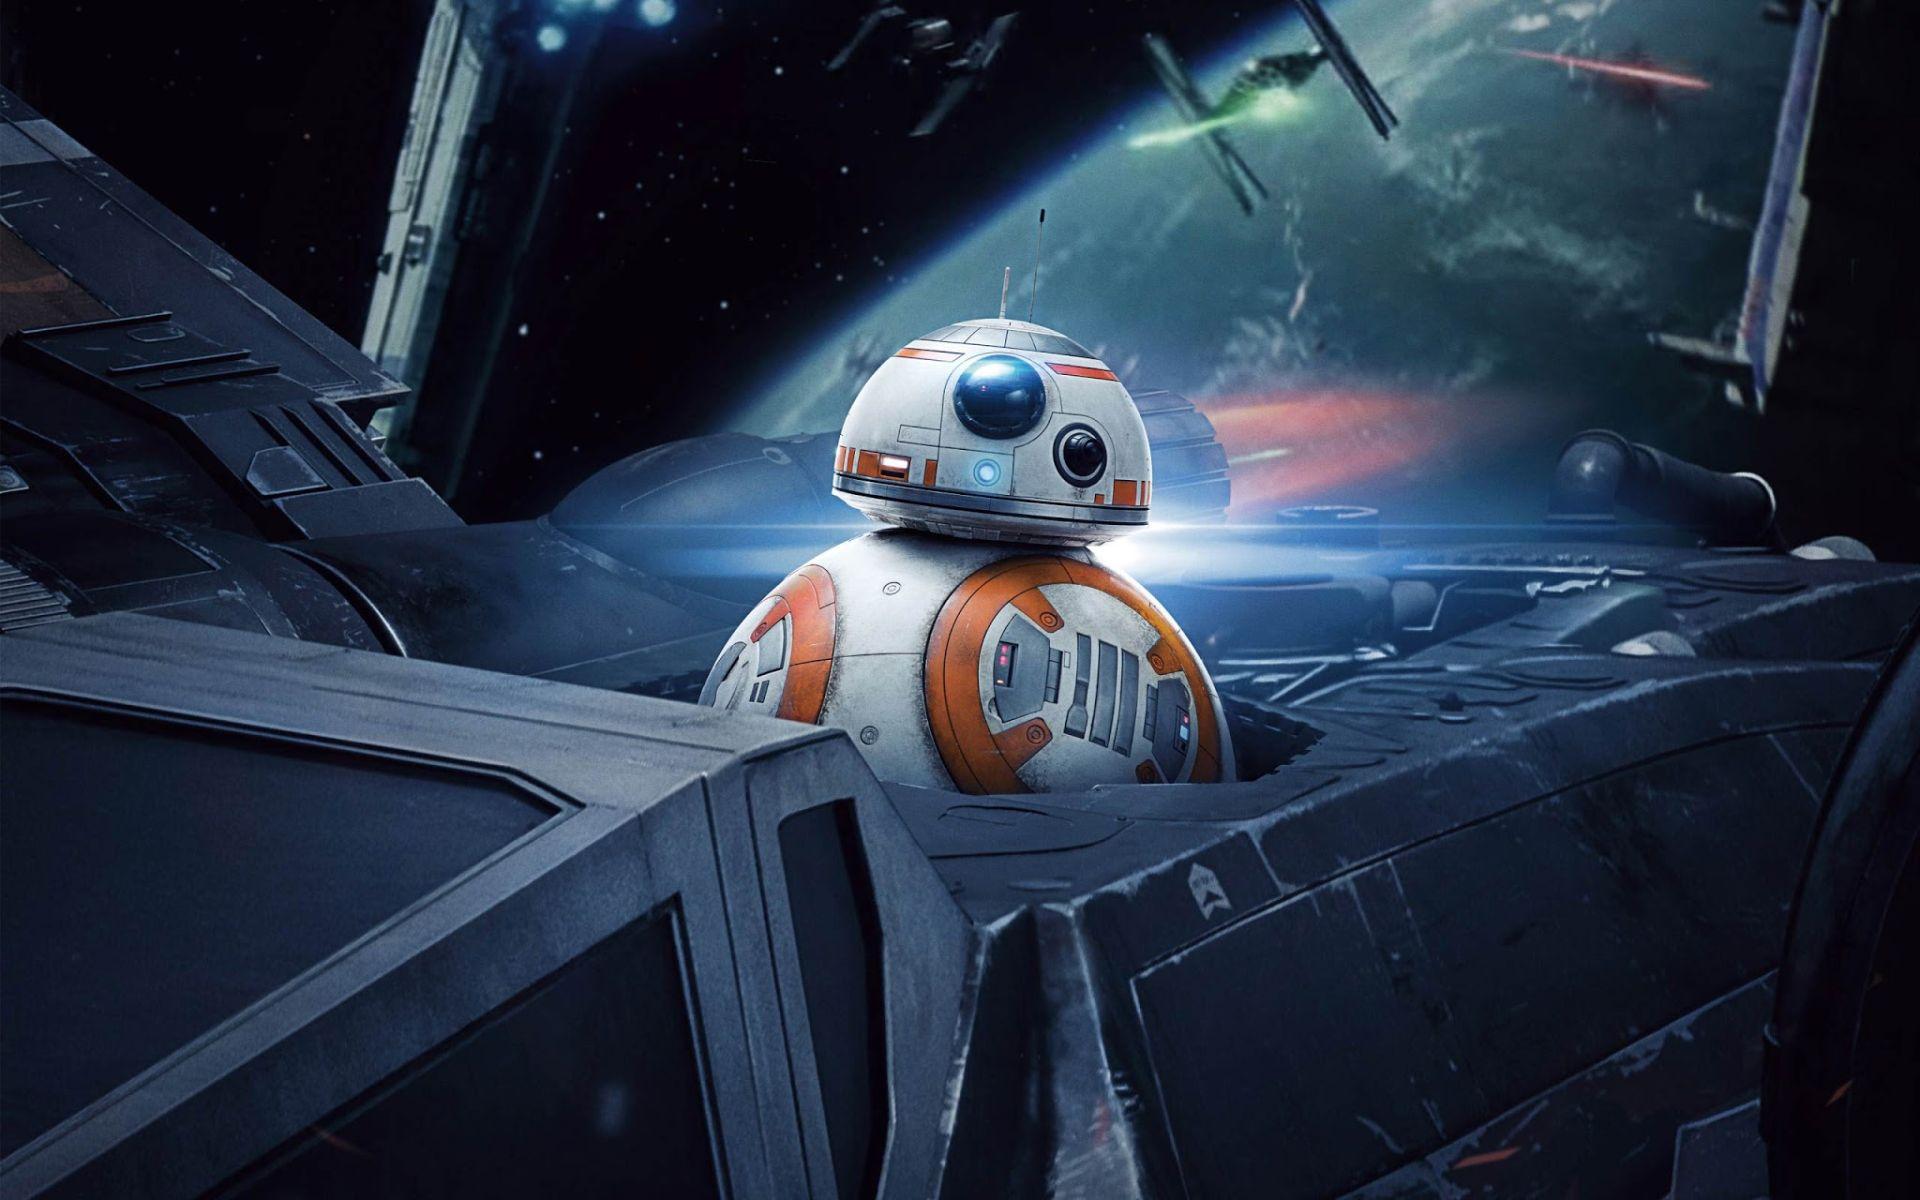 Star Wars Wallpaper 4k 1920x1200 Wallpaper Teahub Io